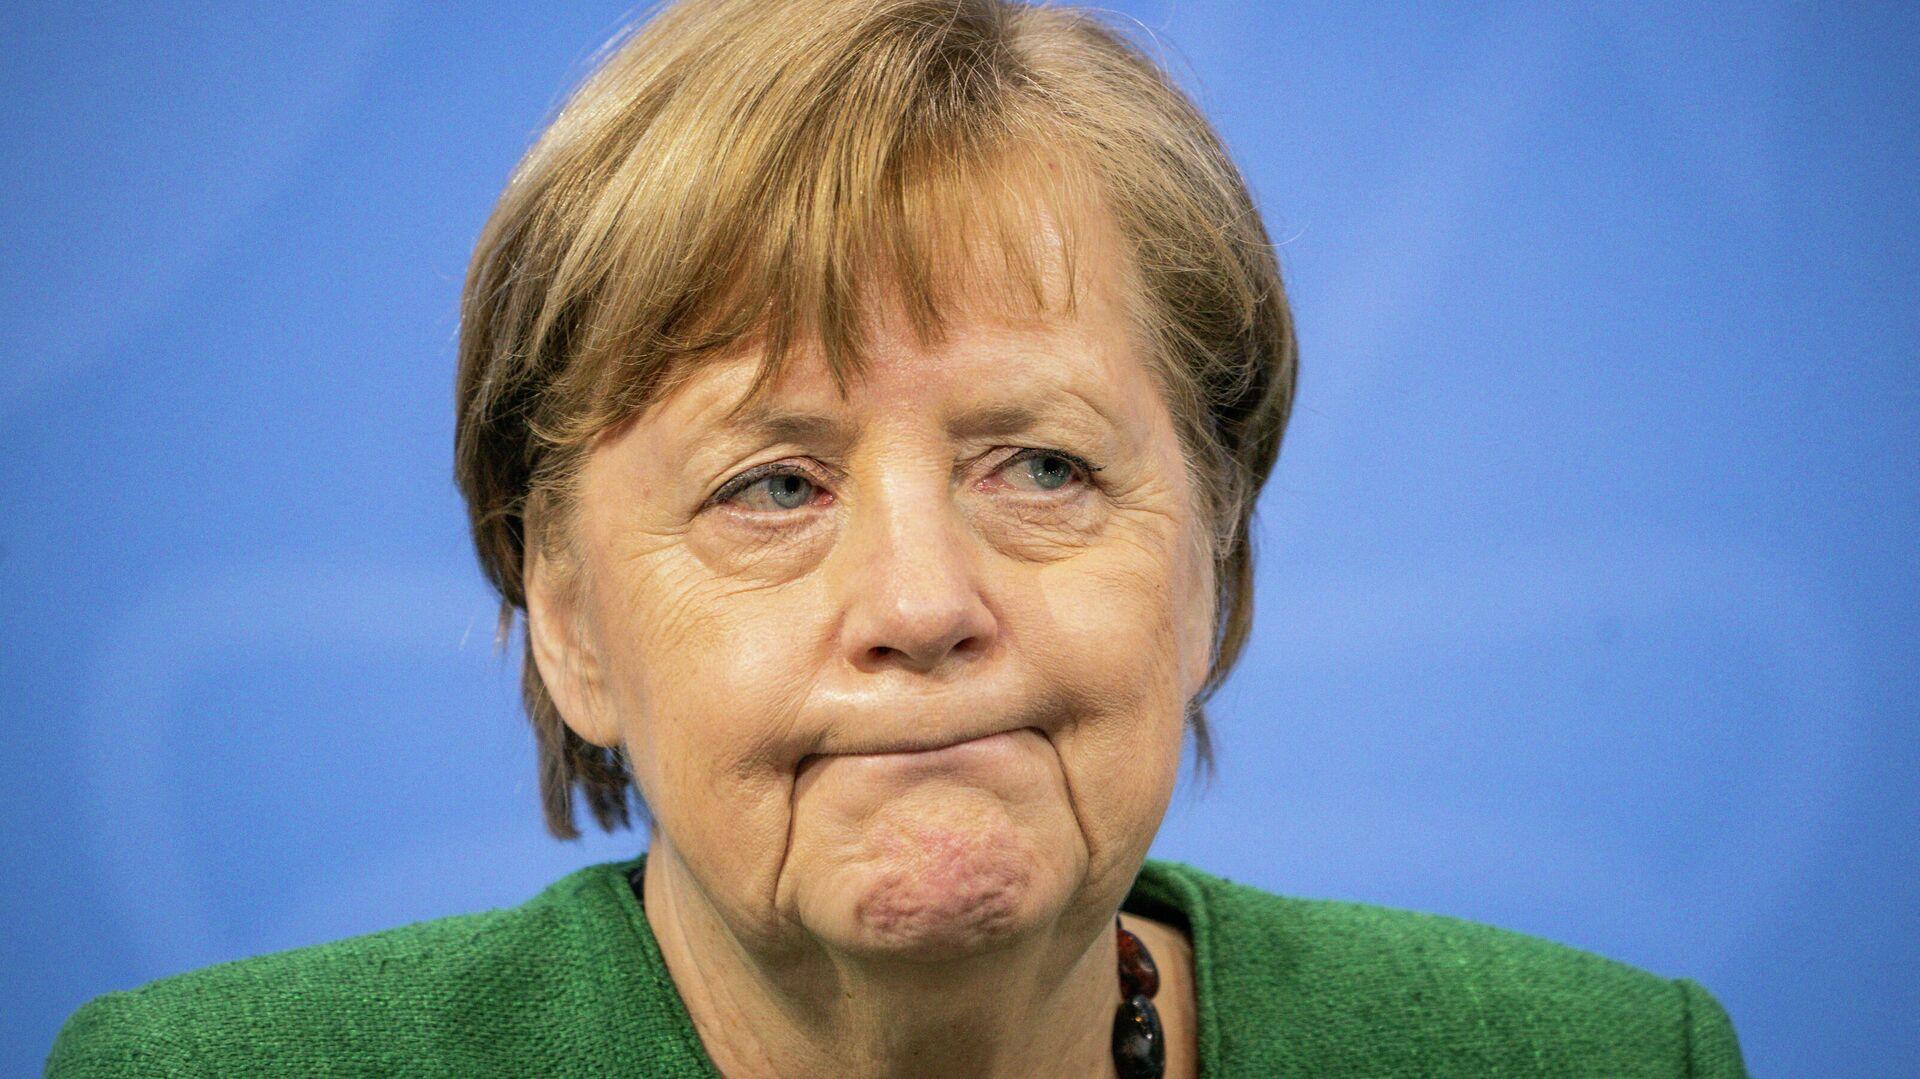 Bundeskanzlerin Angela Merkel spricht während einer Pressekonferenz im Berliner Bundeskanzleramt nach Gesprächen mit den Ministerpräsidenten über die Verlängerung deы derzeitigen Lockdowns, den 23. März 2021. - SNA, 1920, 23.03.2021